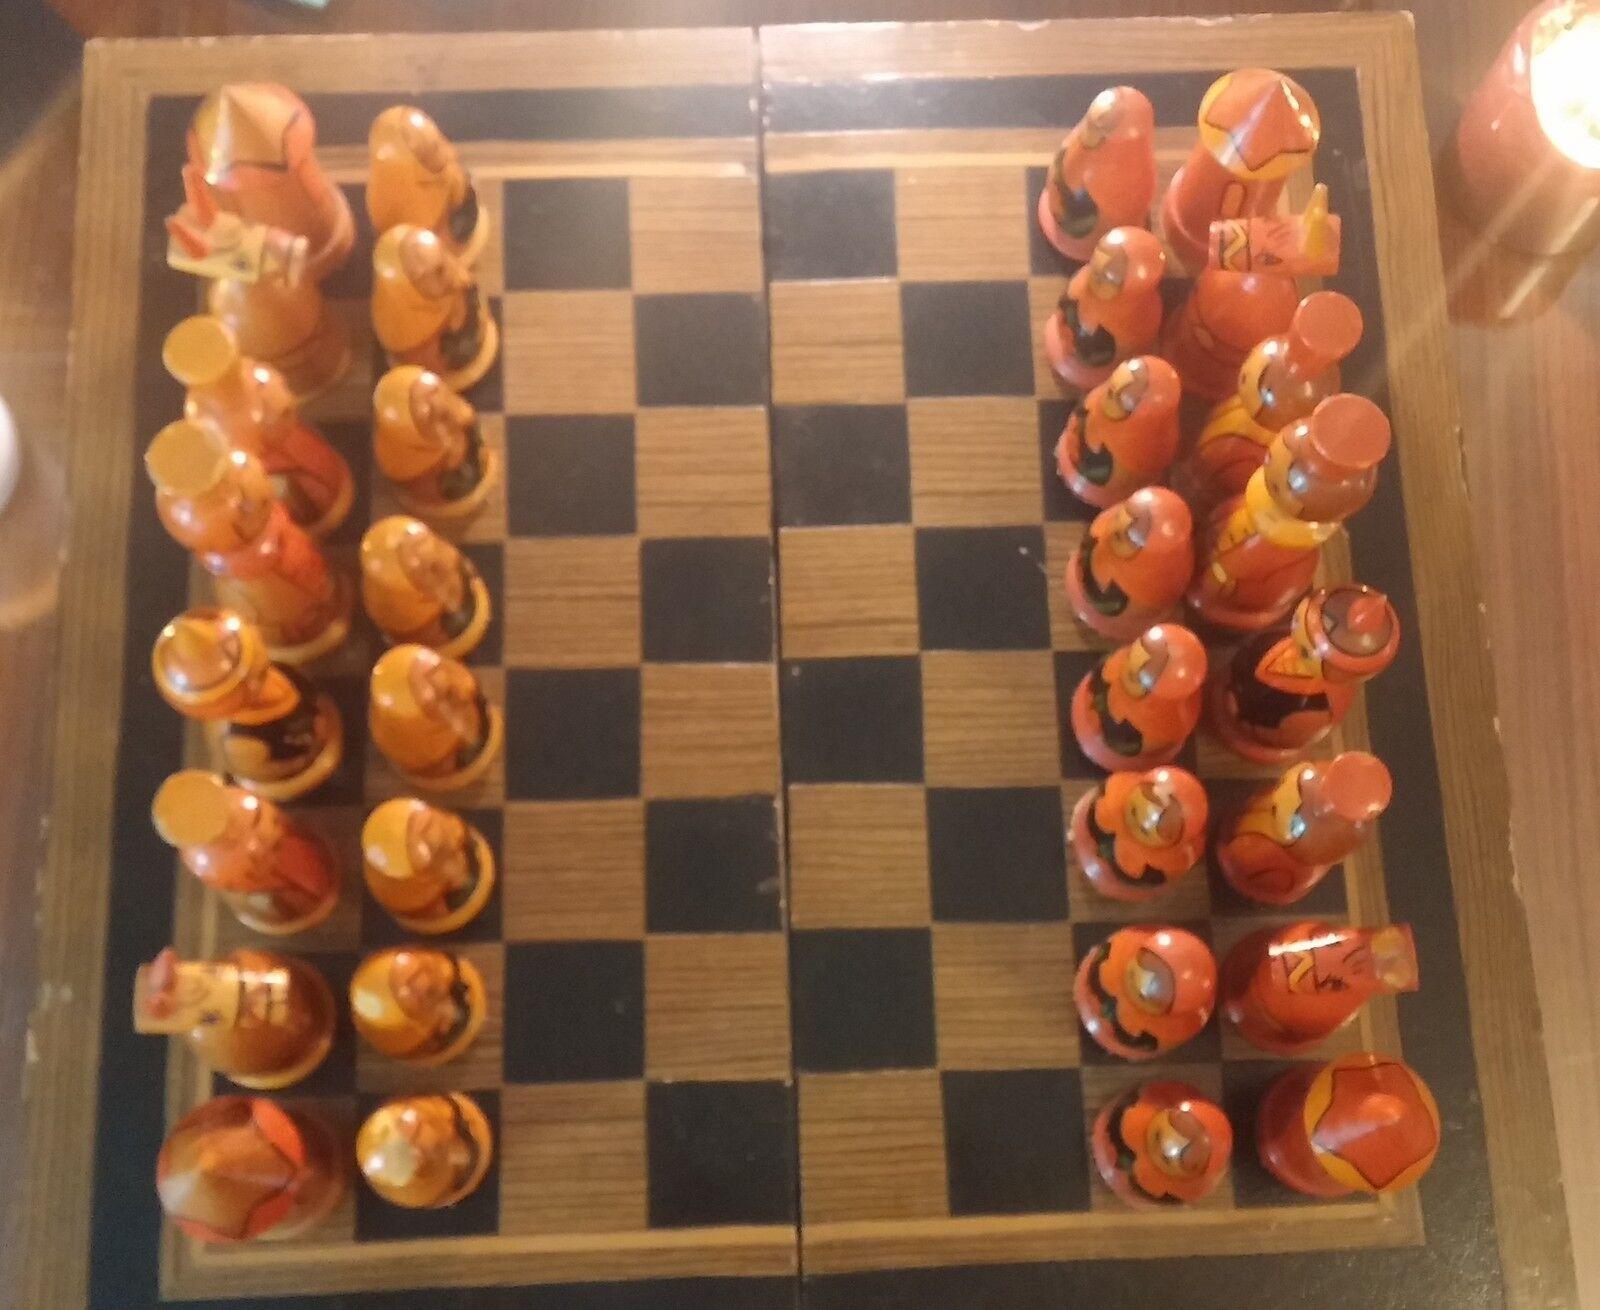 Magnifique jeu d'échecs artisanal russe en bois peint à la main - Matriochkas